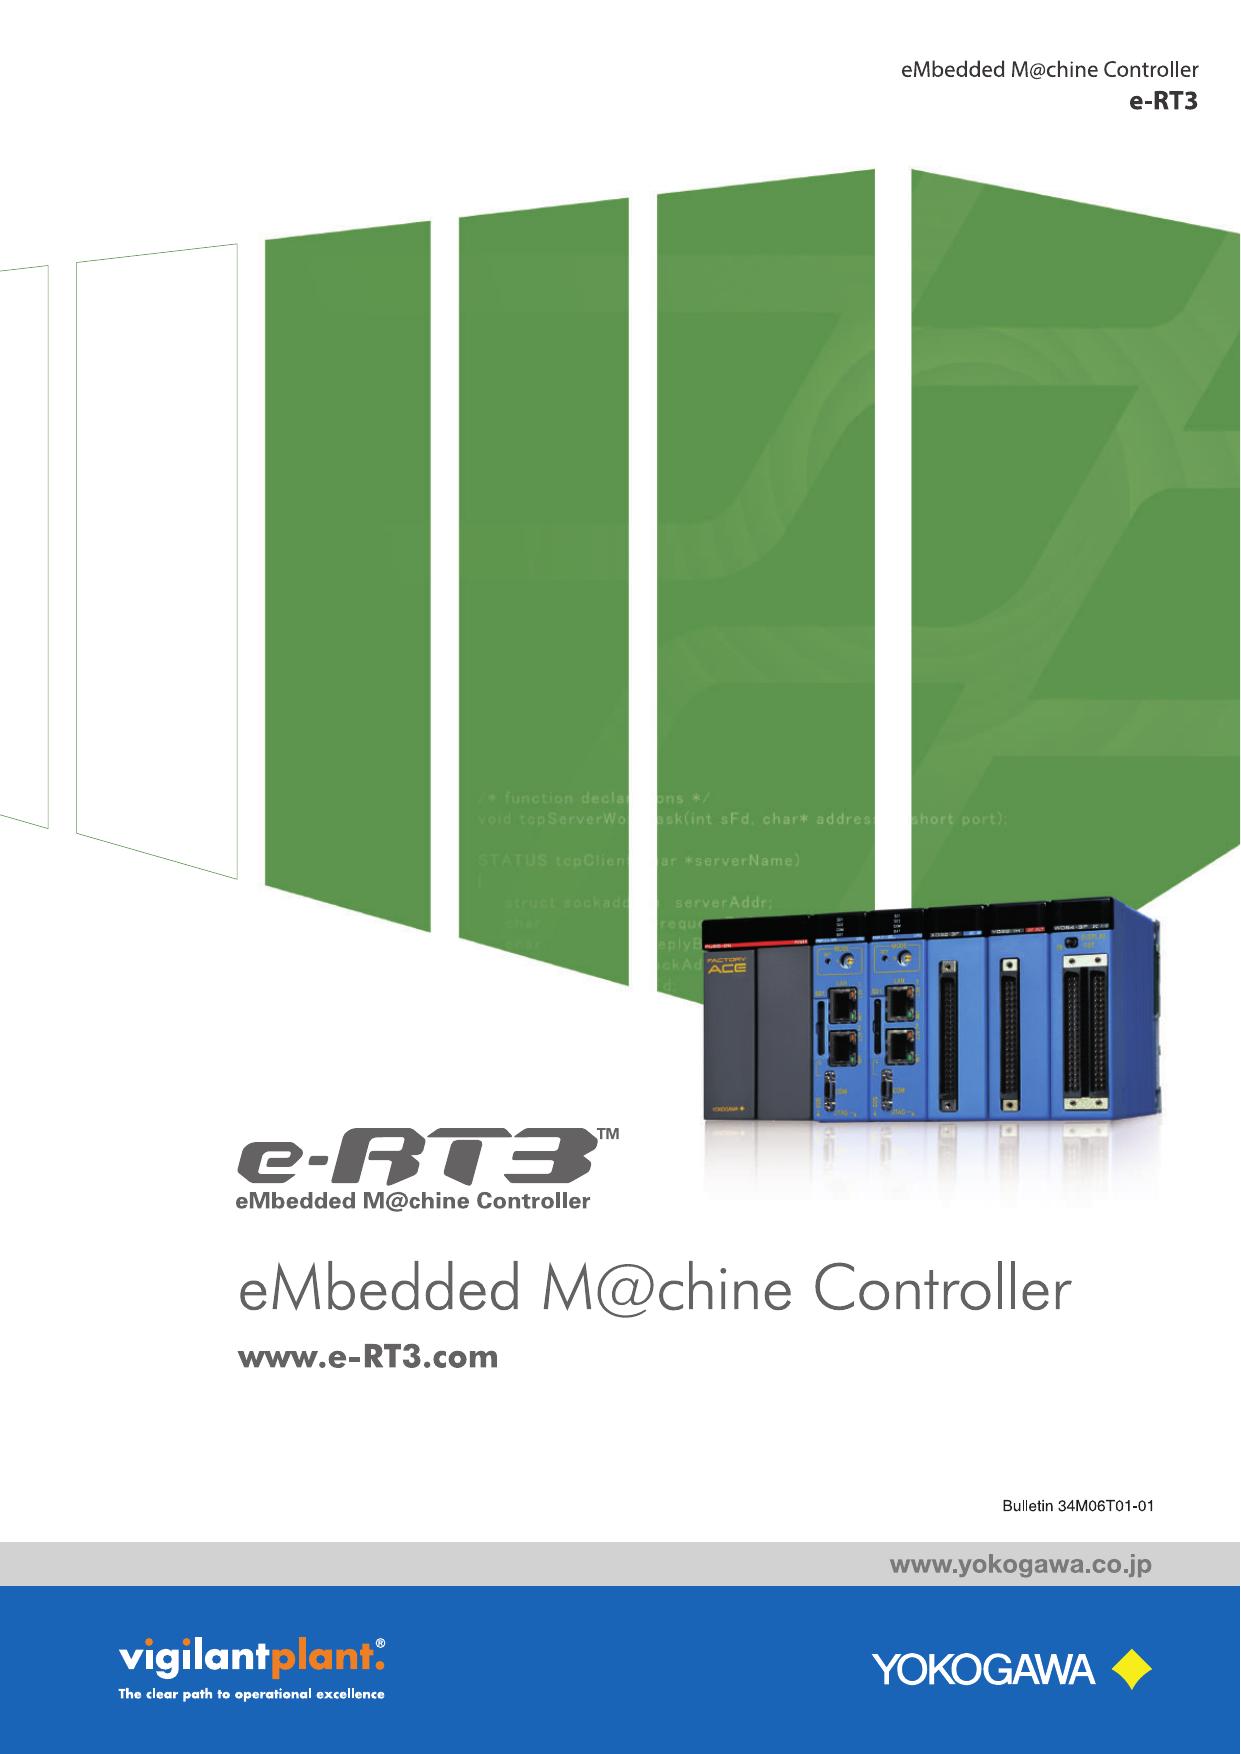 制御システム RTOS コントローラ e-RT3+Linuxコントローラー e-RT3 Plus